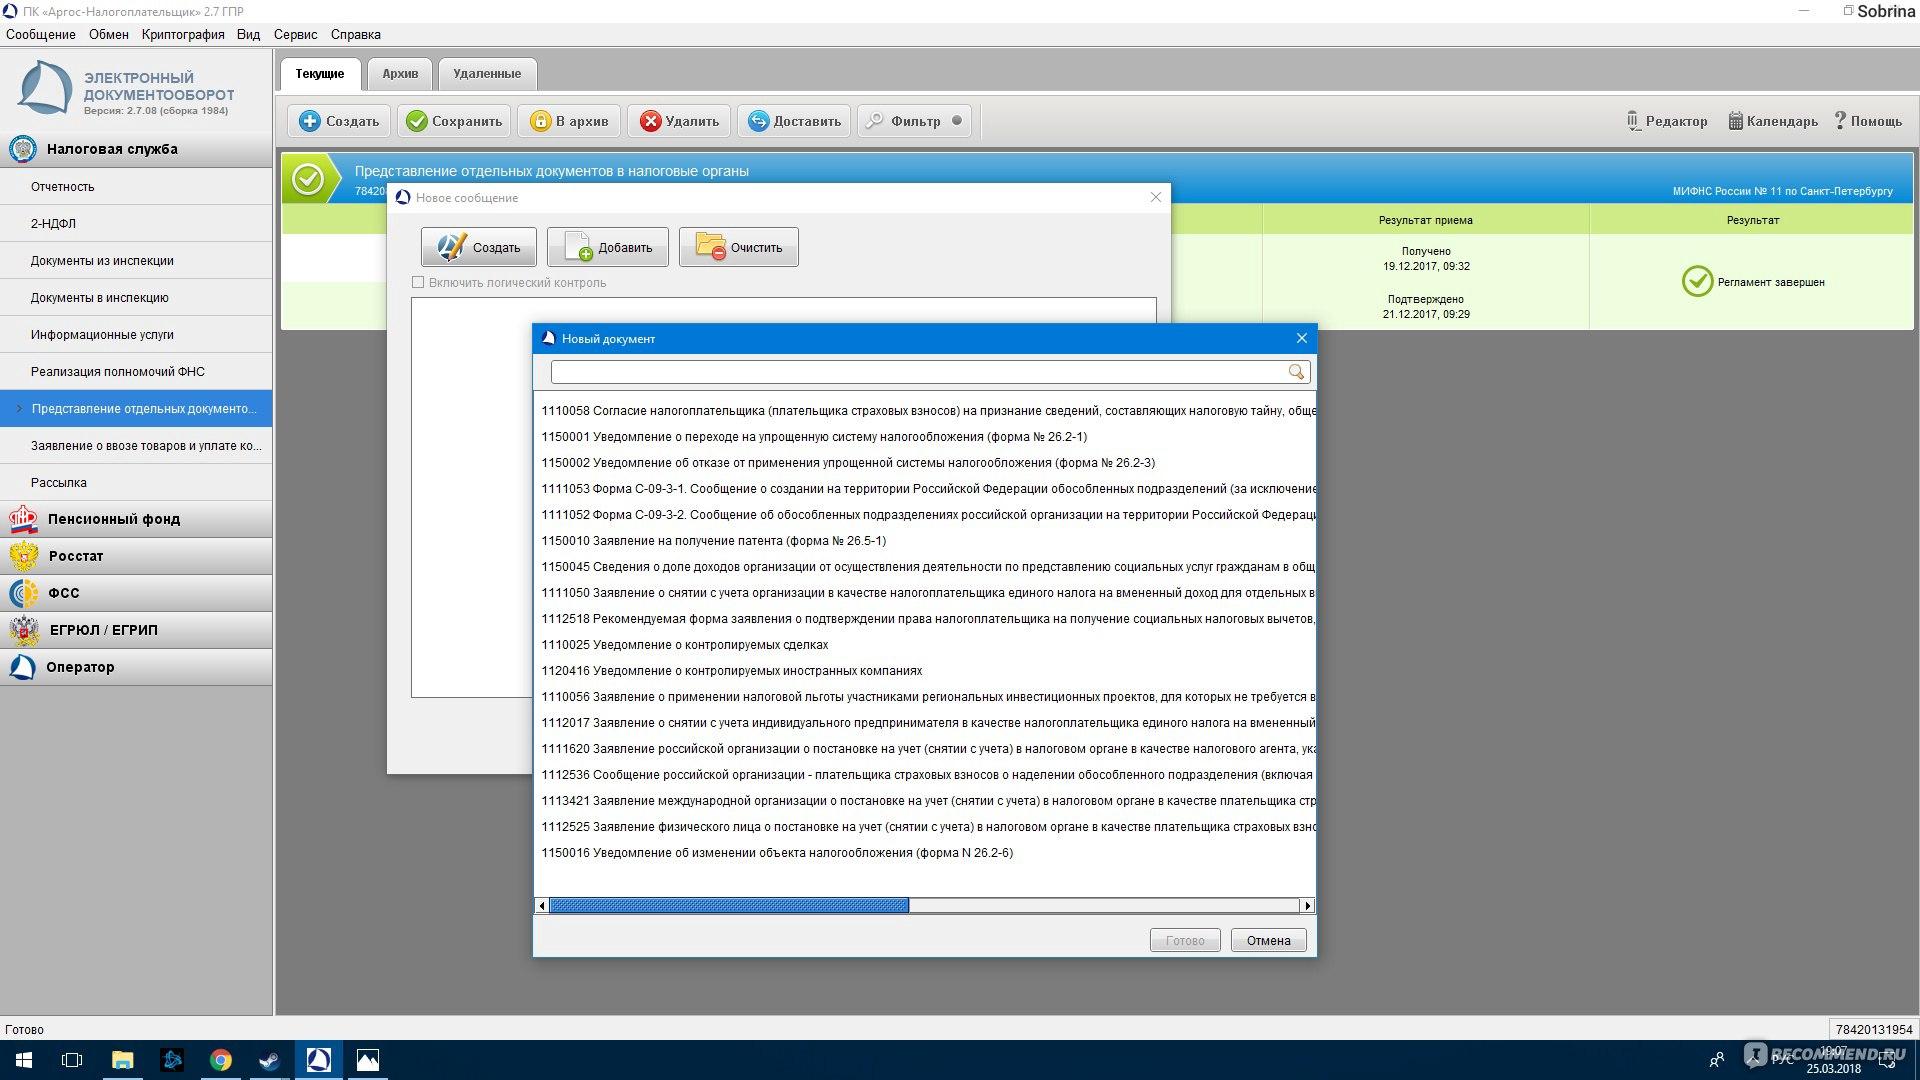 Аргос электронная отчетность отзывы сотрудников решение задач по бухгалтерии онлайн по бухгалтерии